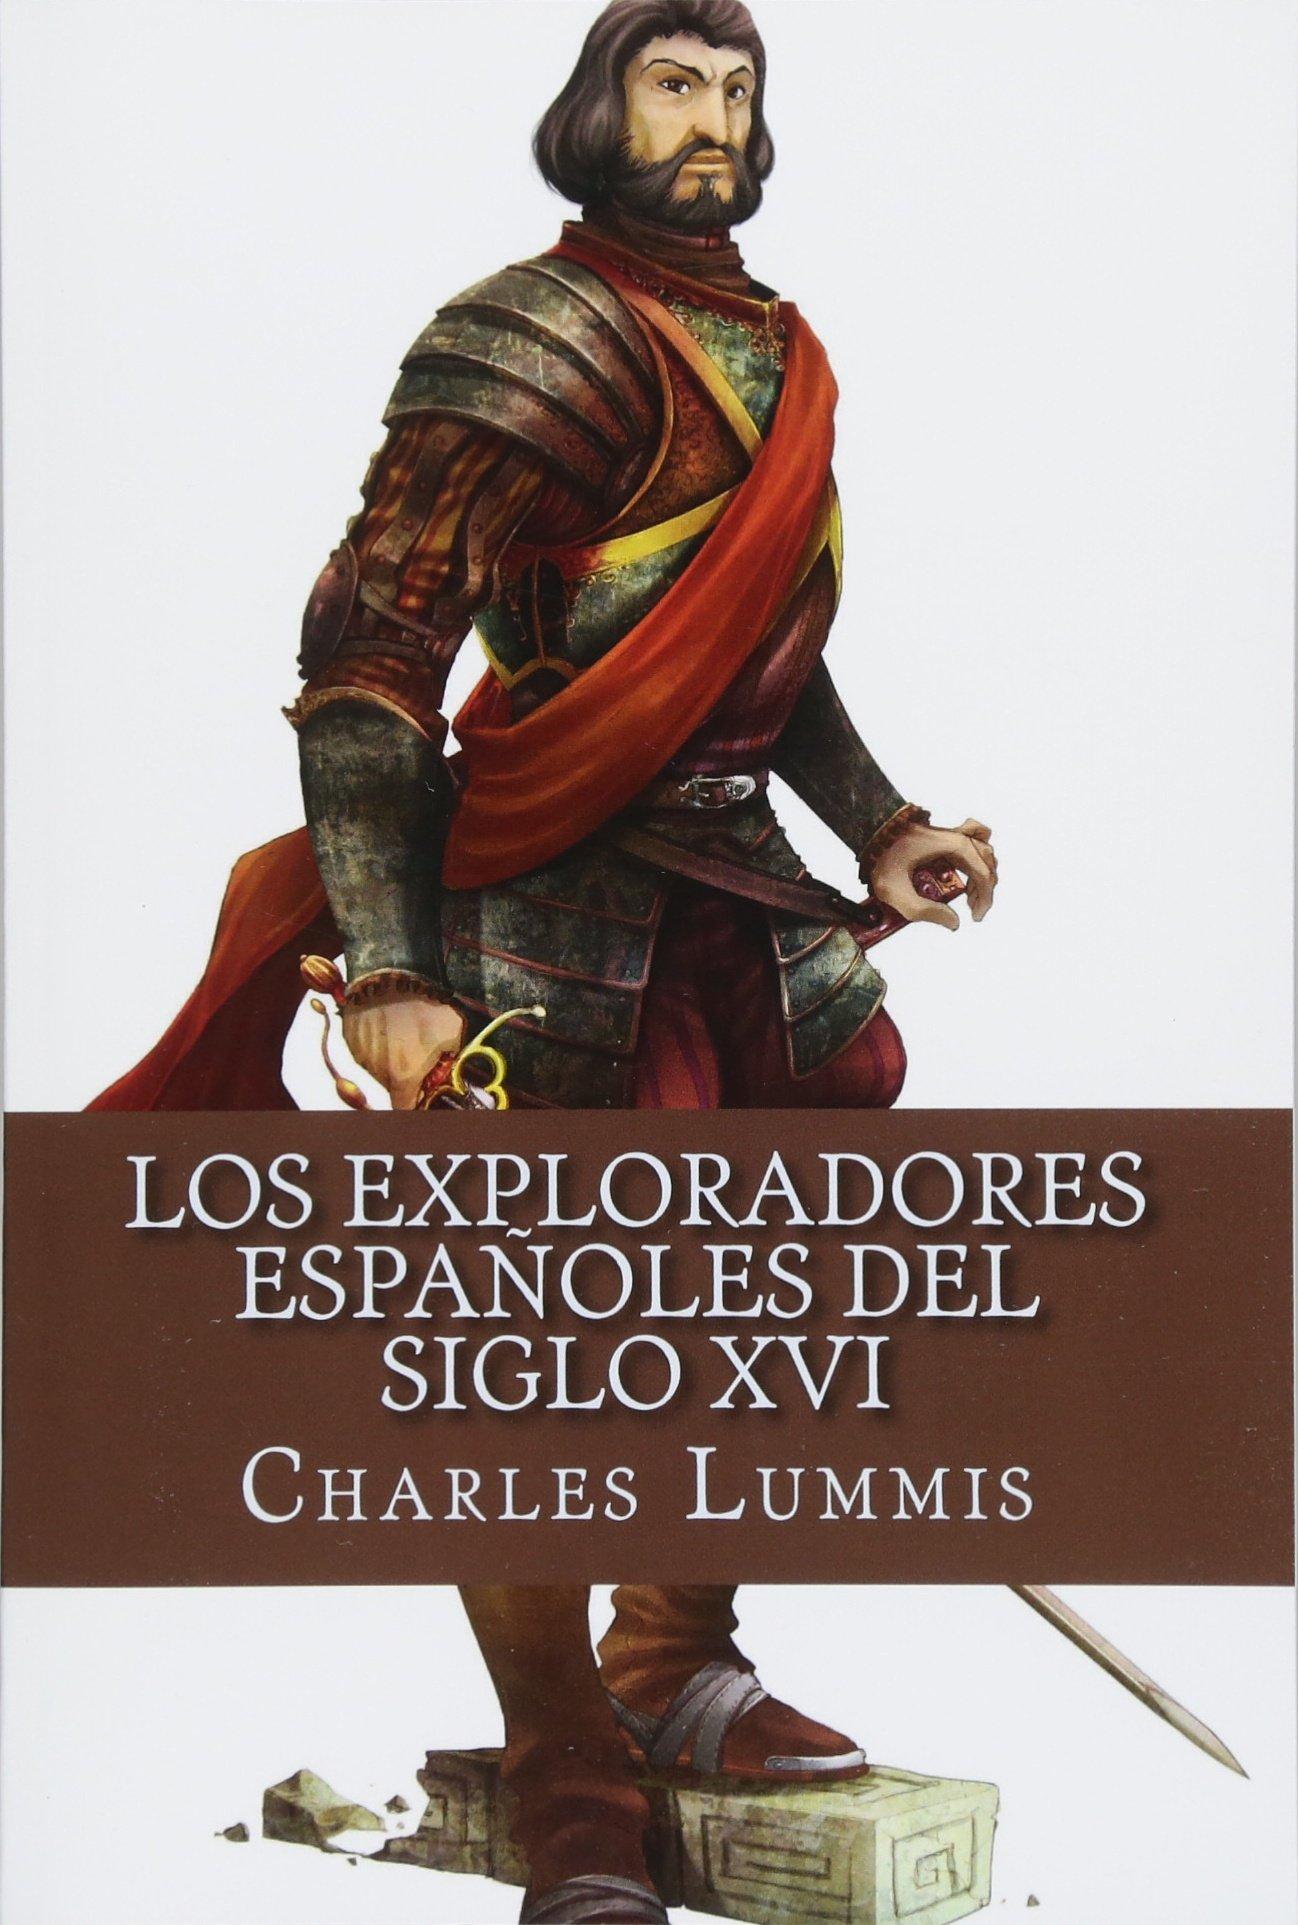 Los exploradores espanoles del siglo XVI: Vindicacion de la accion ...